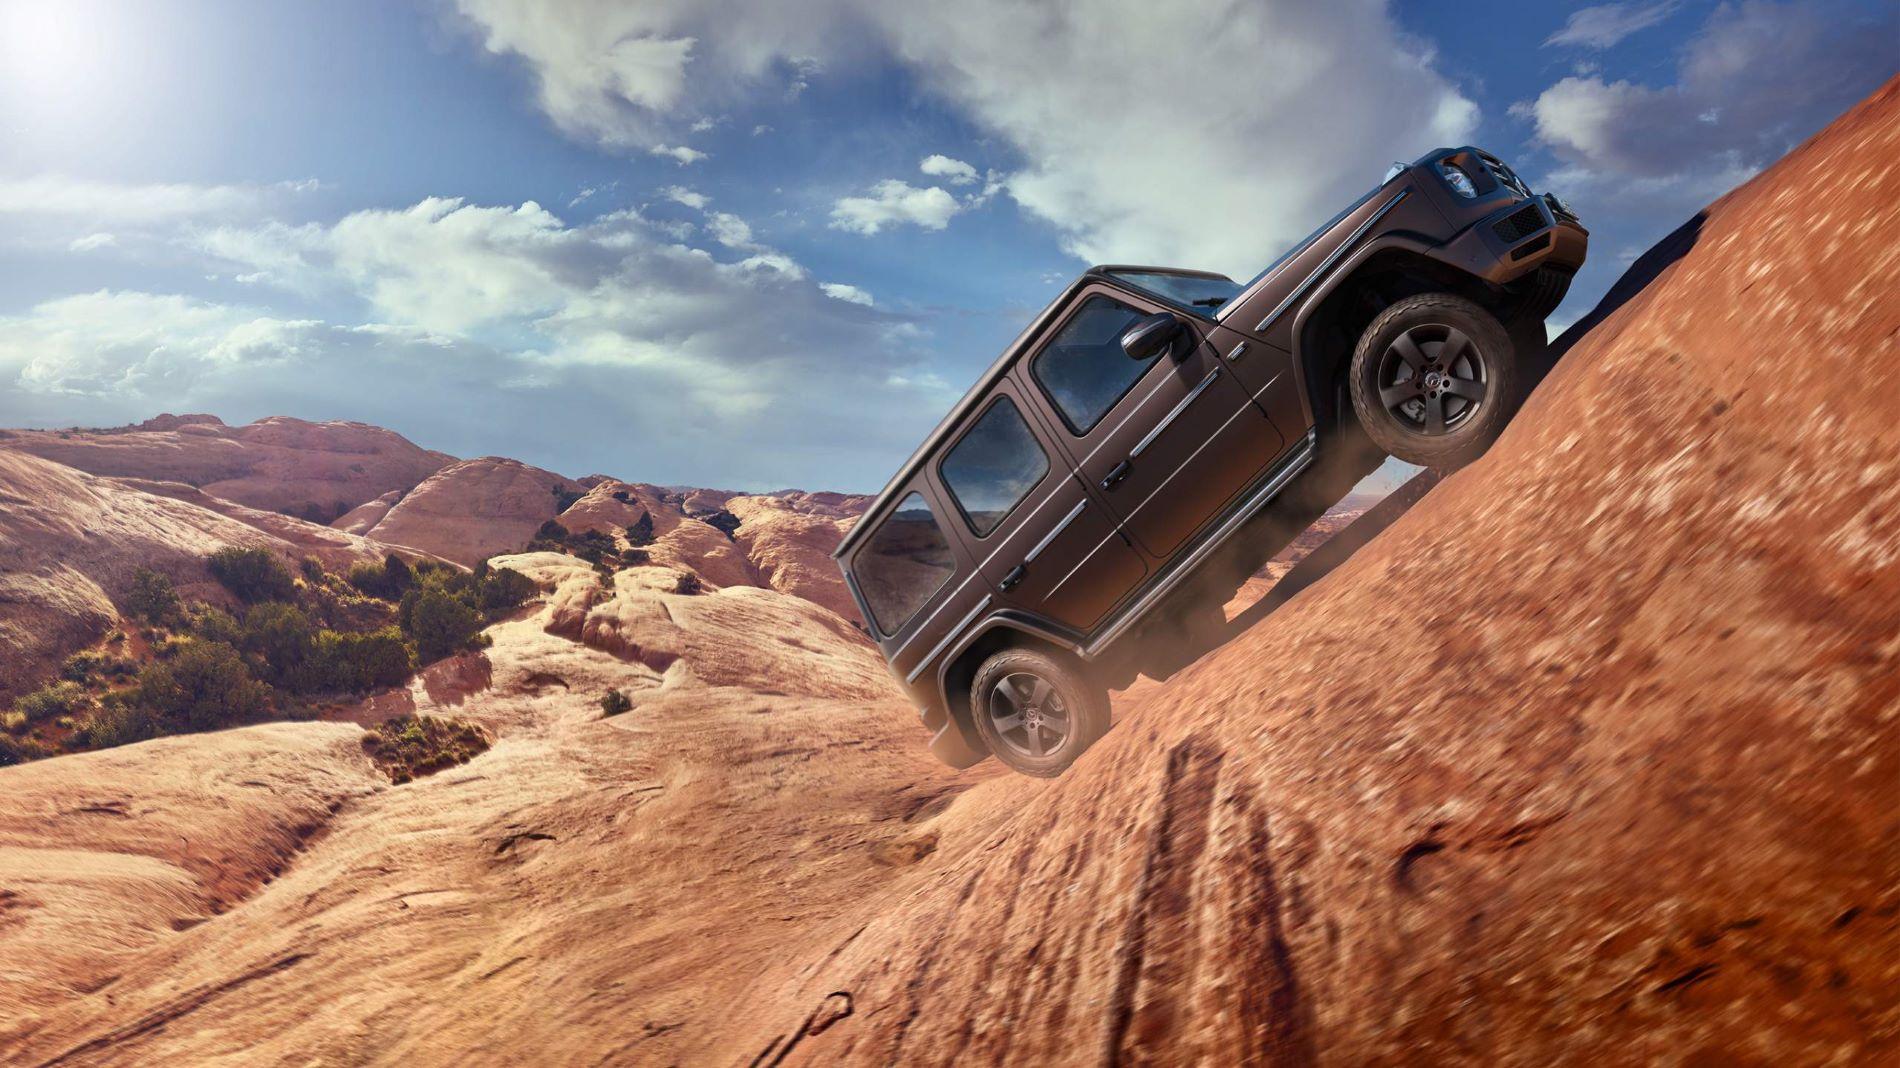 Mercedes Benz G Class Desert